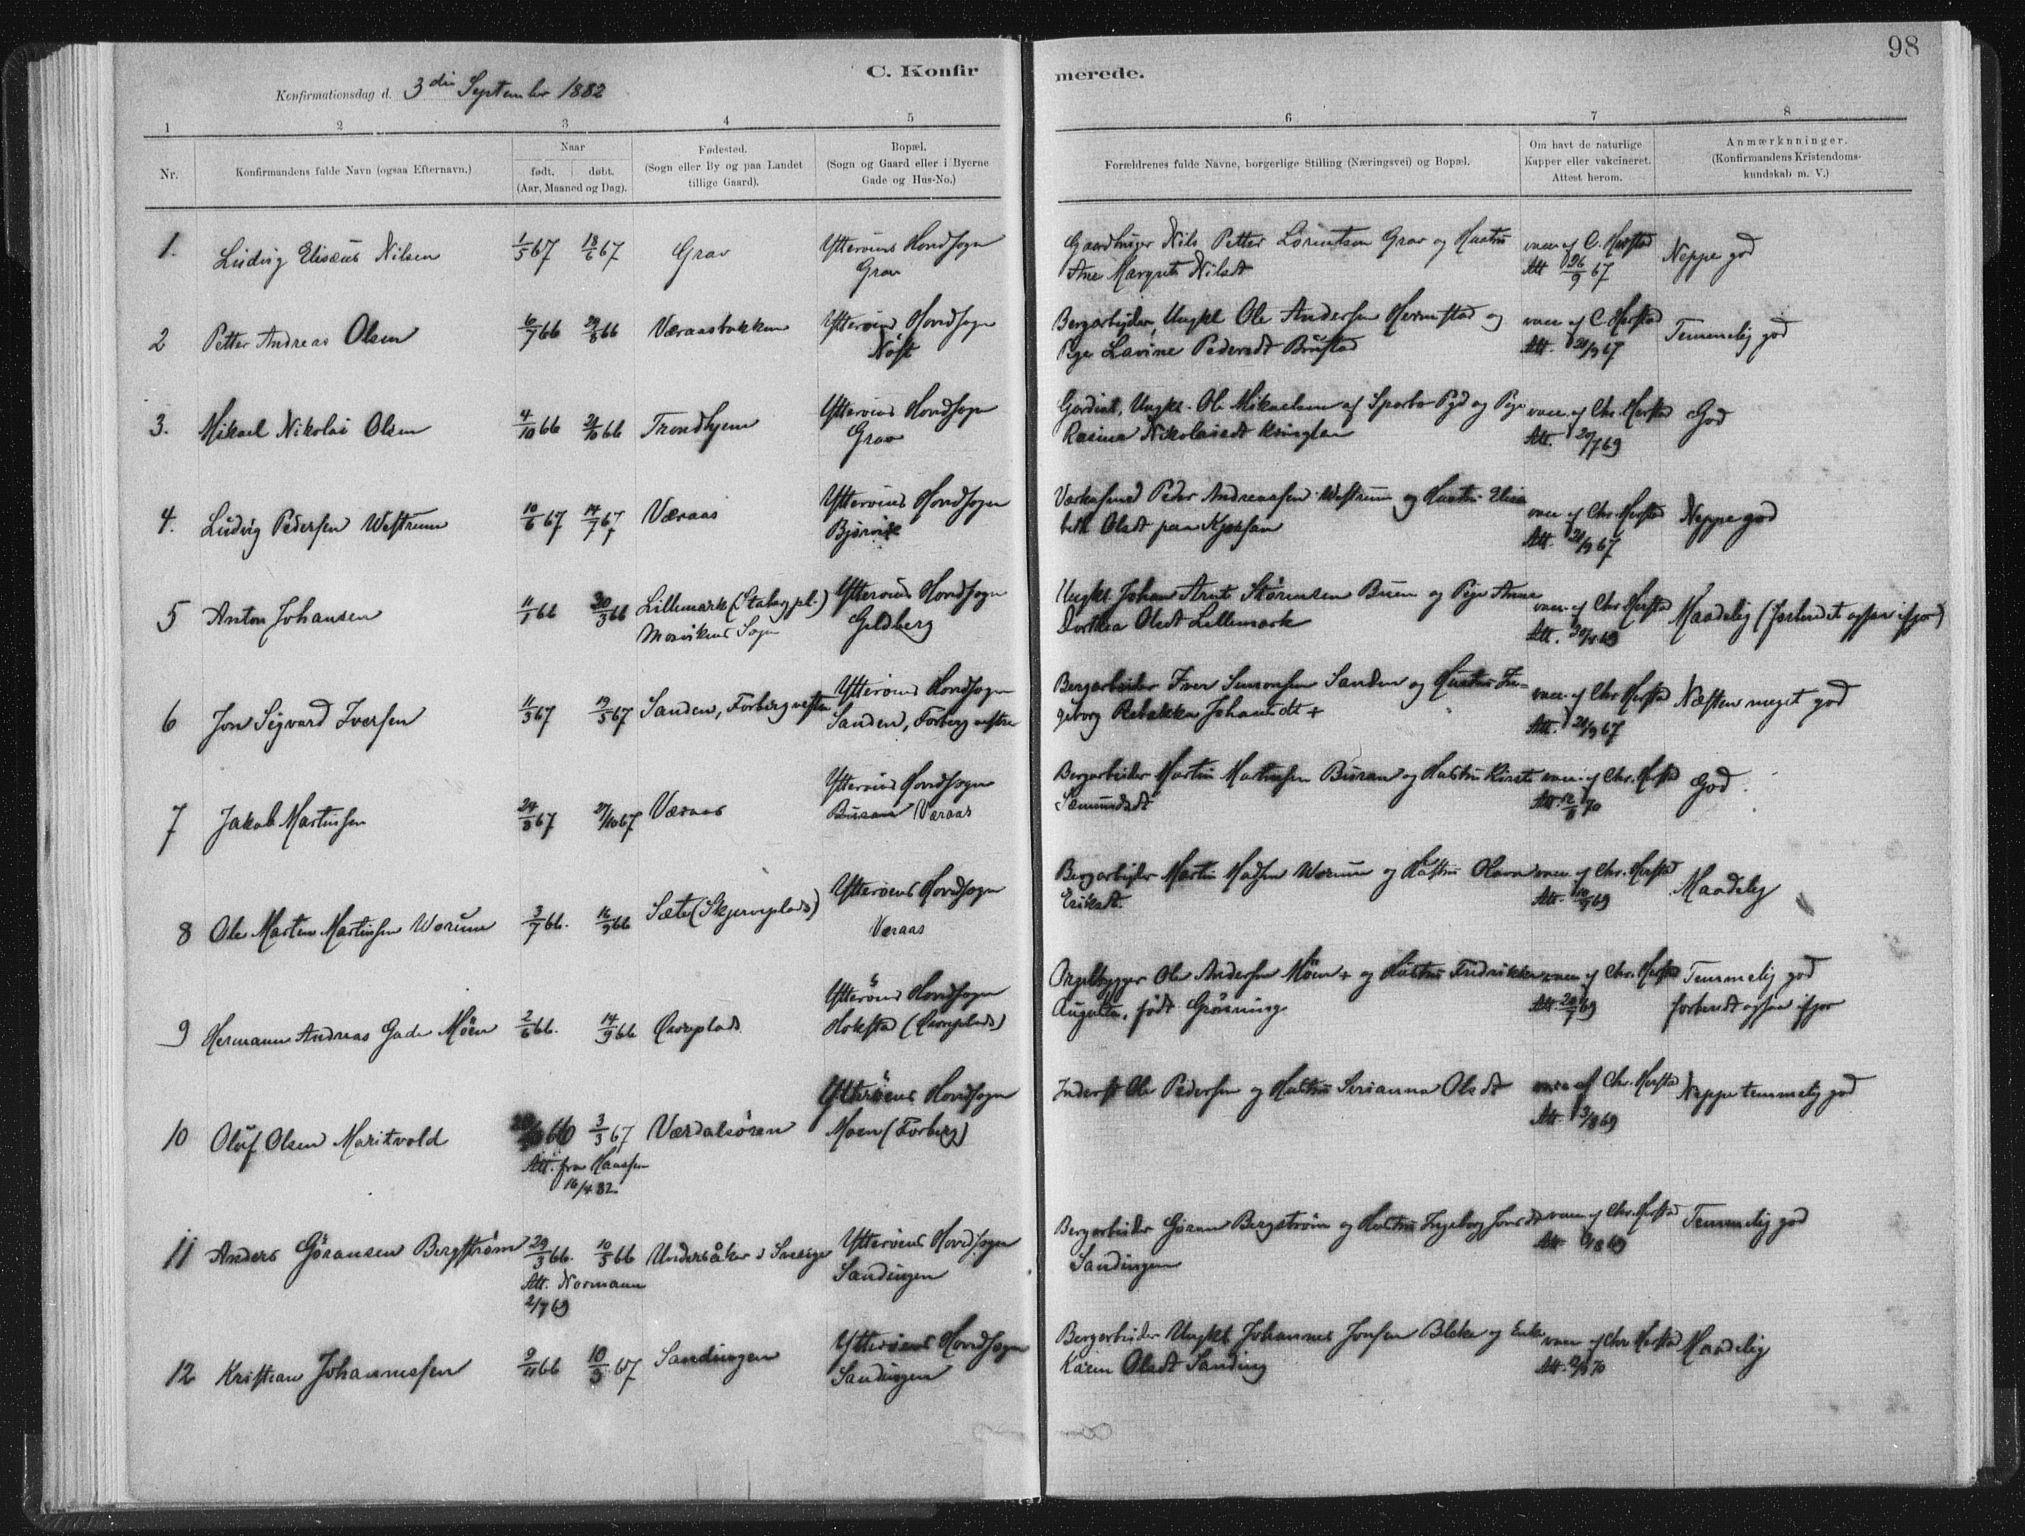 SAT, Ministerialprotokoller, klokkerbøker og fødselsregistre - Nord-Trøndelag, 722/L0220: Ministerialbok nr. 722A07, 1881-1908, s. 98